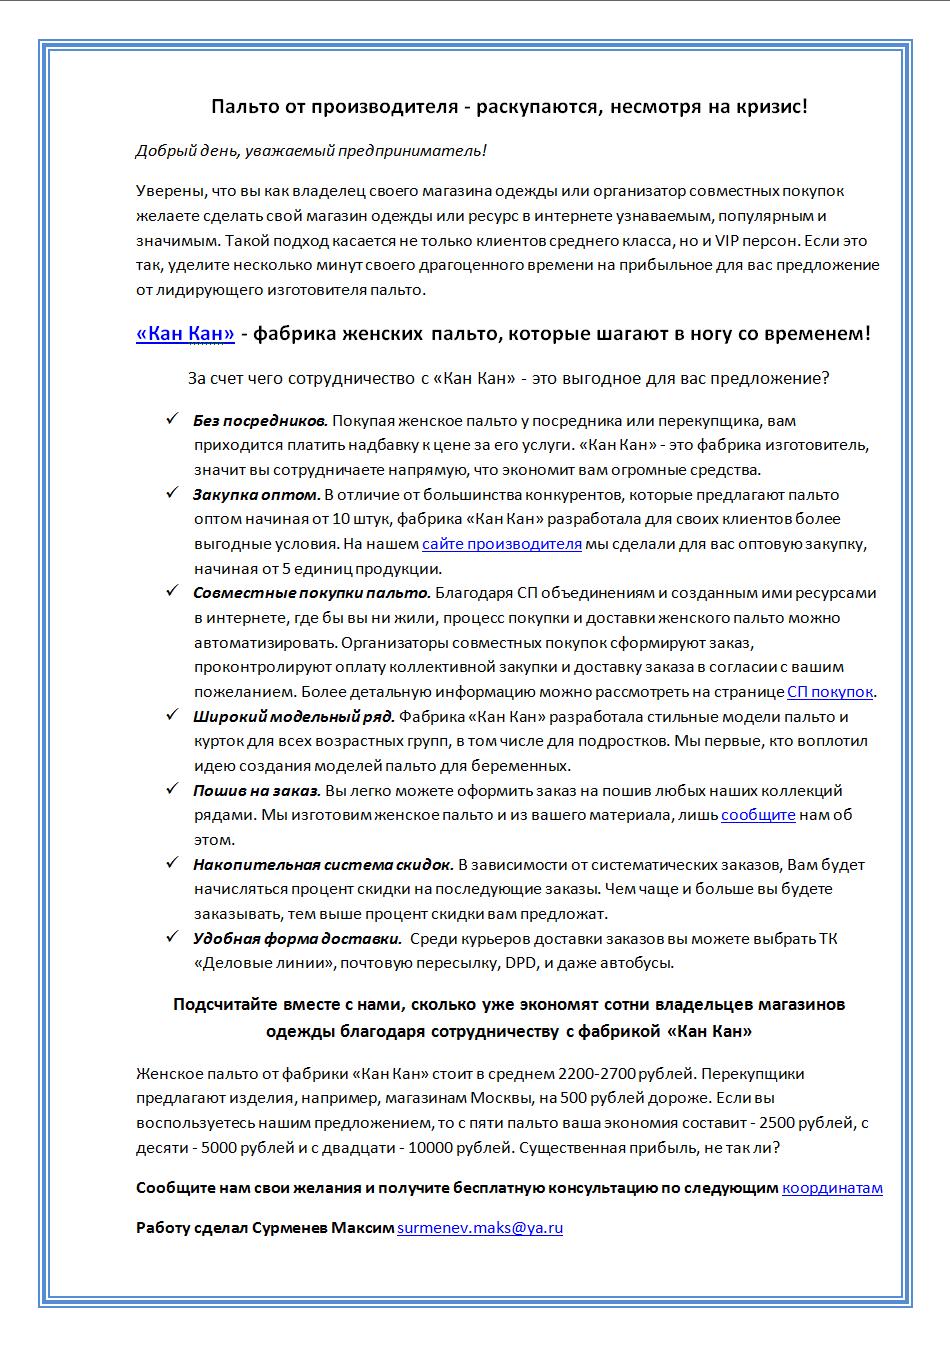 Как правильно составить коммерческое предложение: образец, примеры и шаблоны